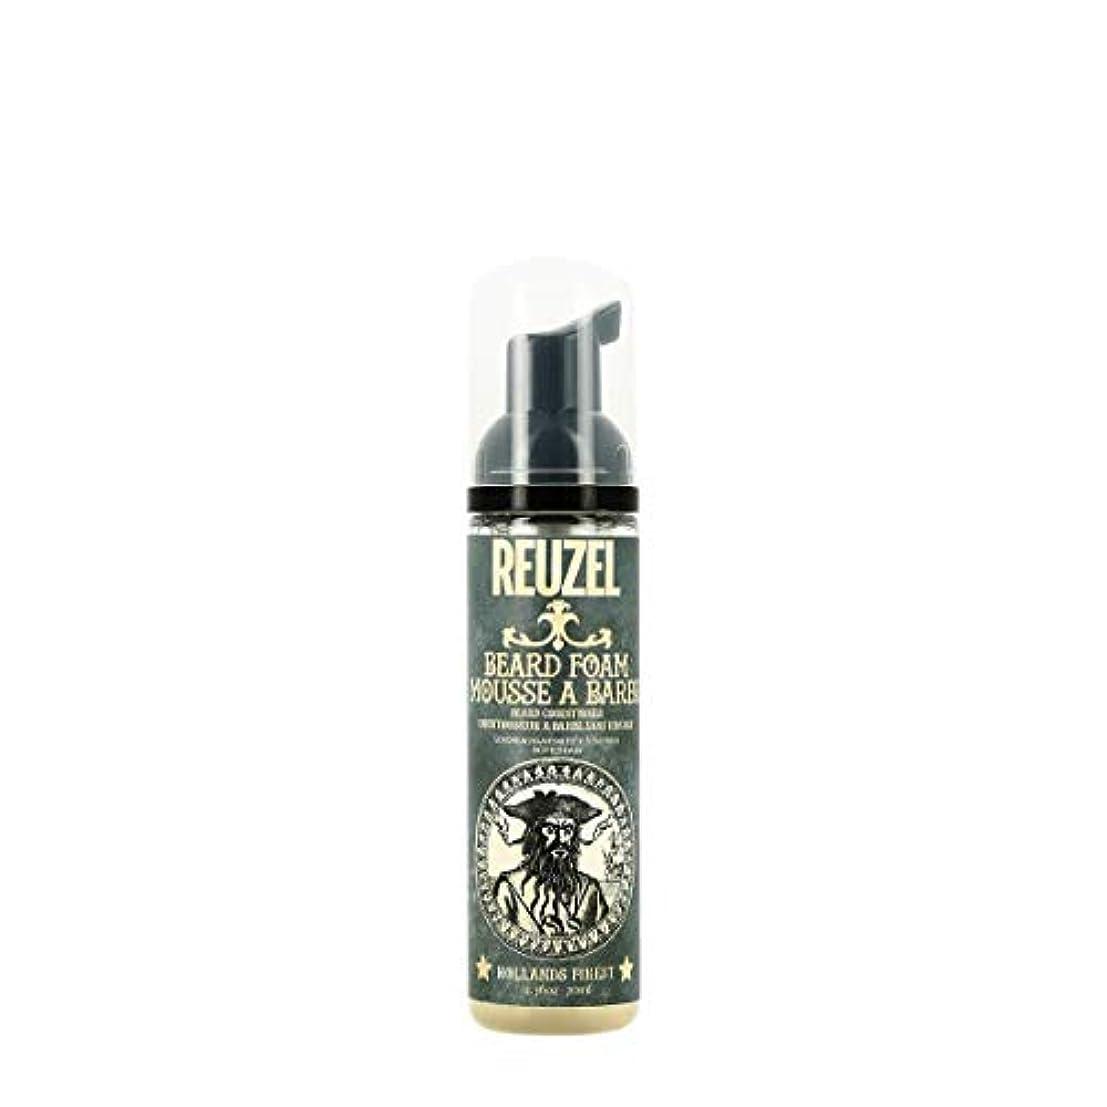 即席ヒップオフセットルーゾー Reuzel Beard Foam - Beard Conditioner 70 ml [並行輸入品]